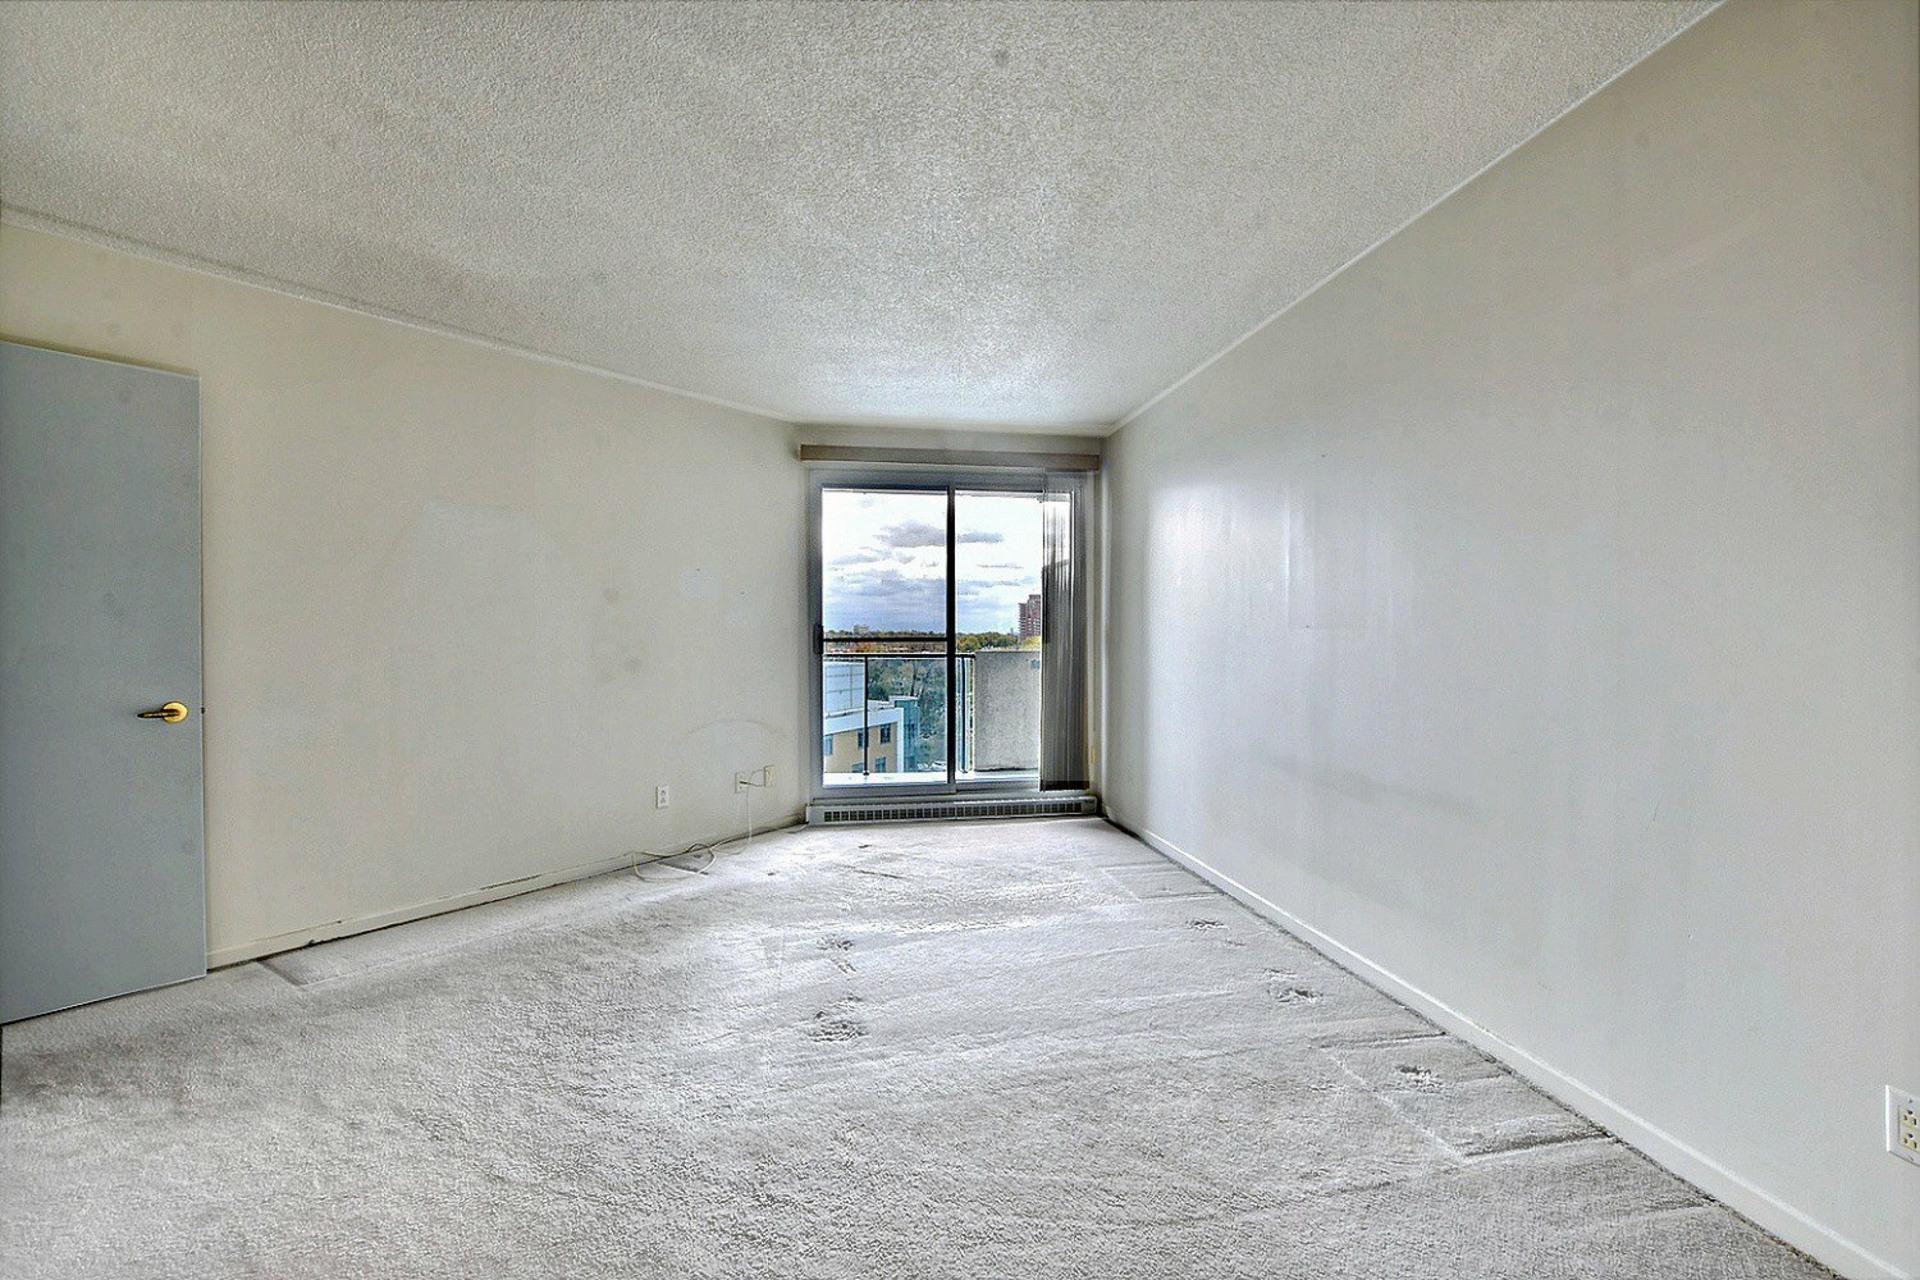 image 7 - Appartement À vendre Montréal Montréal-Nord  - 6 pièces